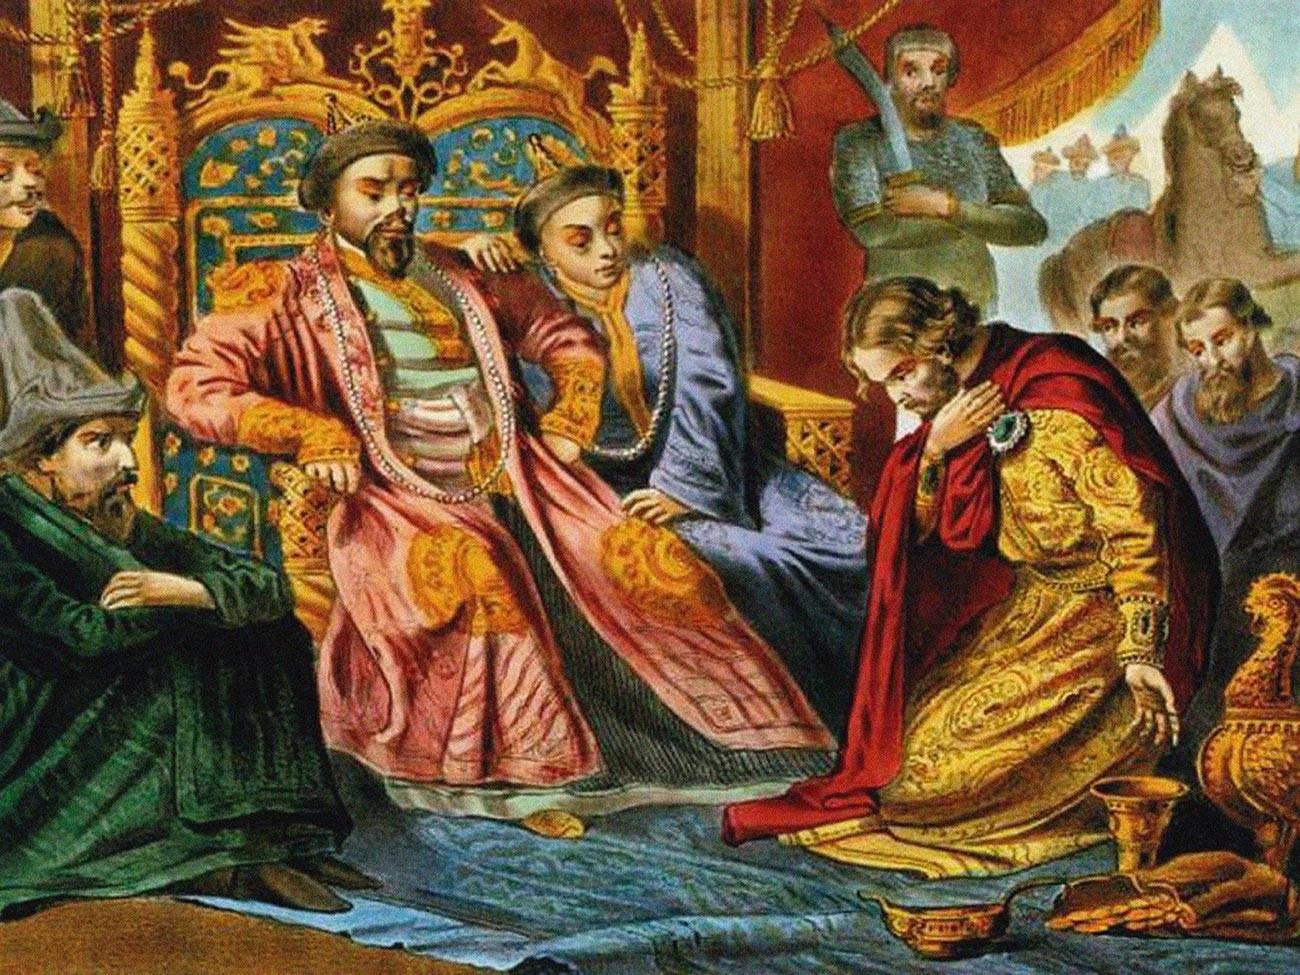 Кнезот Александар Невски го моли Бату-хан за милост кон Русија, крај на 19 век.